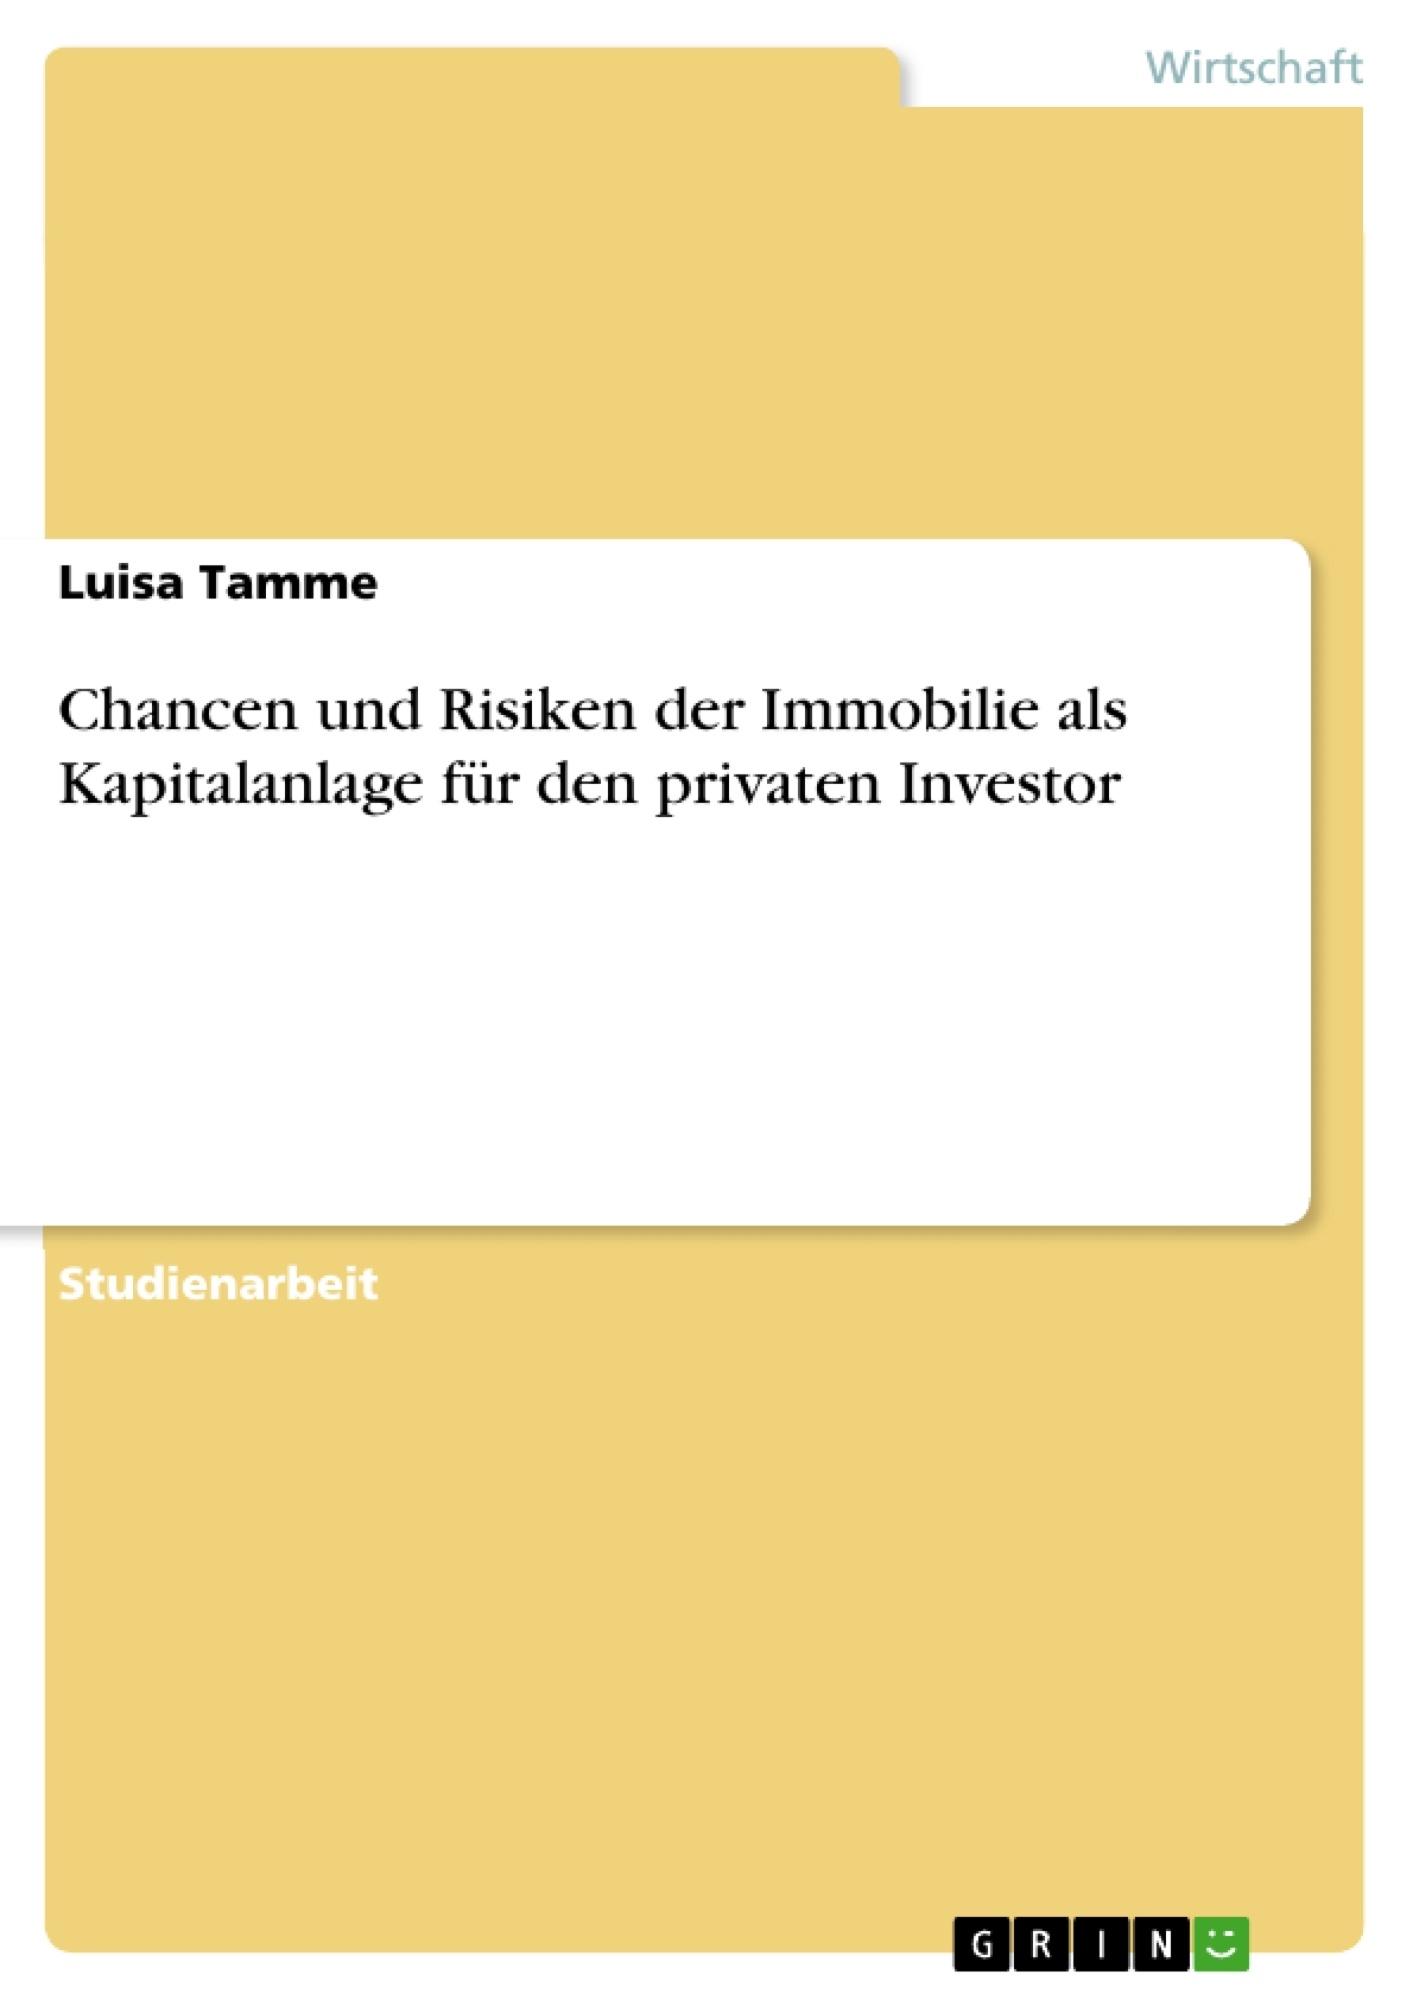 Titel: Chancen und Risiken der Immobilie als Kapitalanlage für den privaten Investor